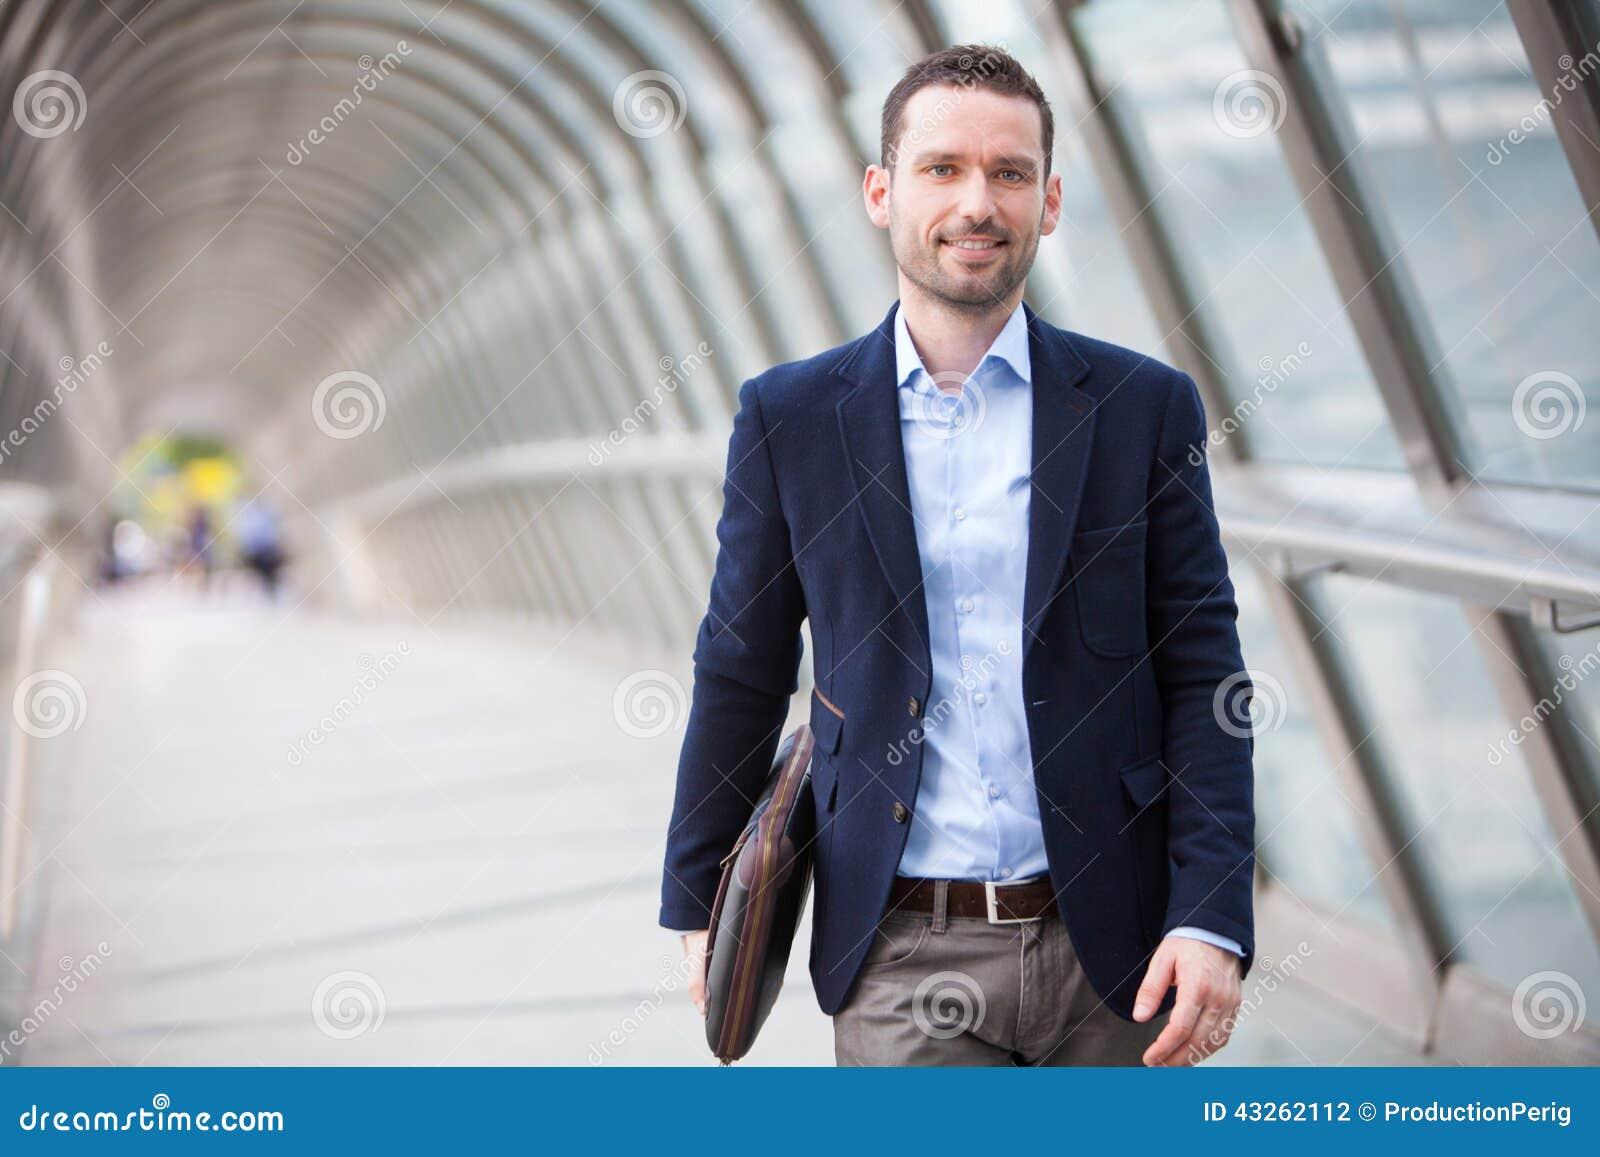 Młody atrakcyjny mężczyzna odprowadzenie w lotniskowej sala